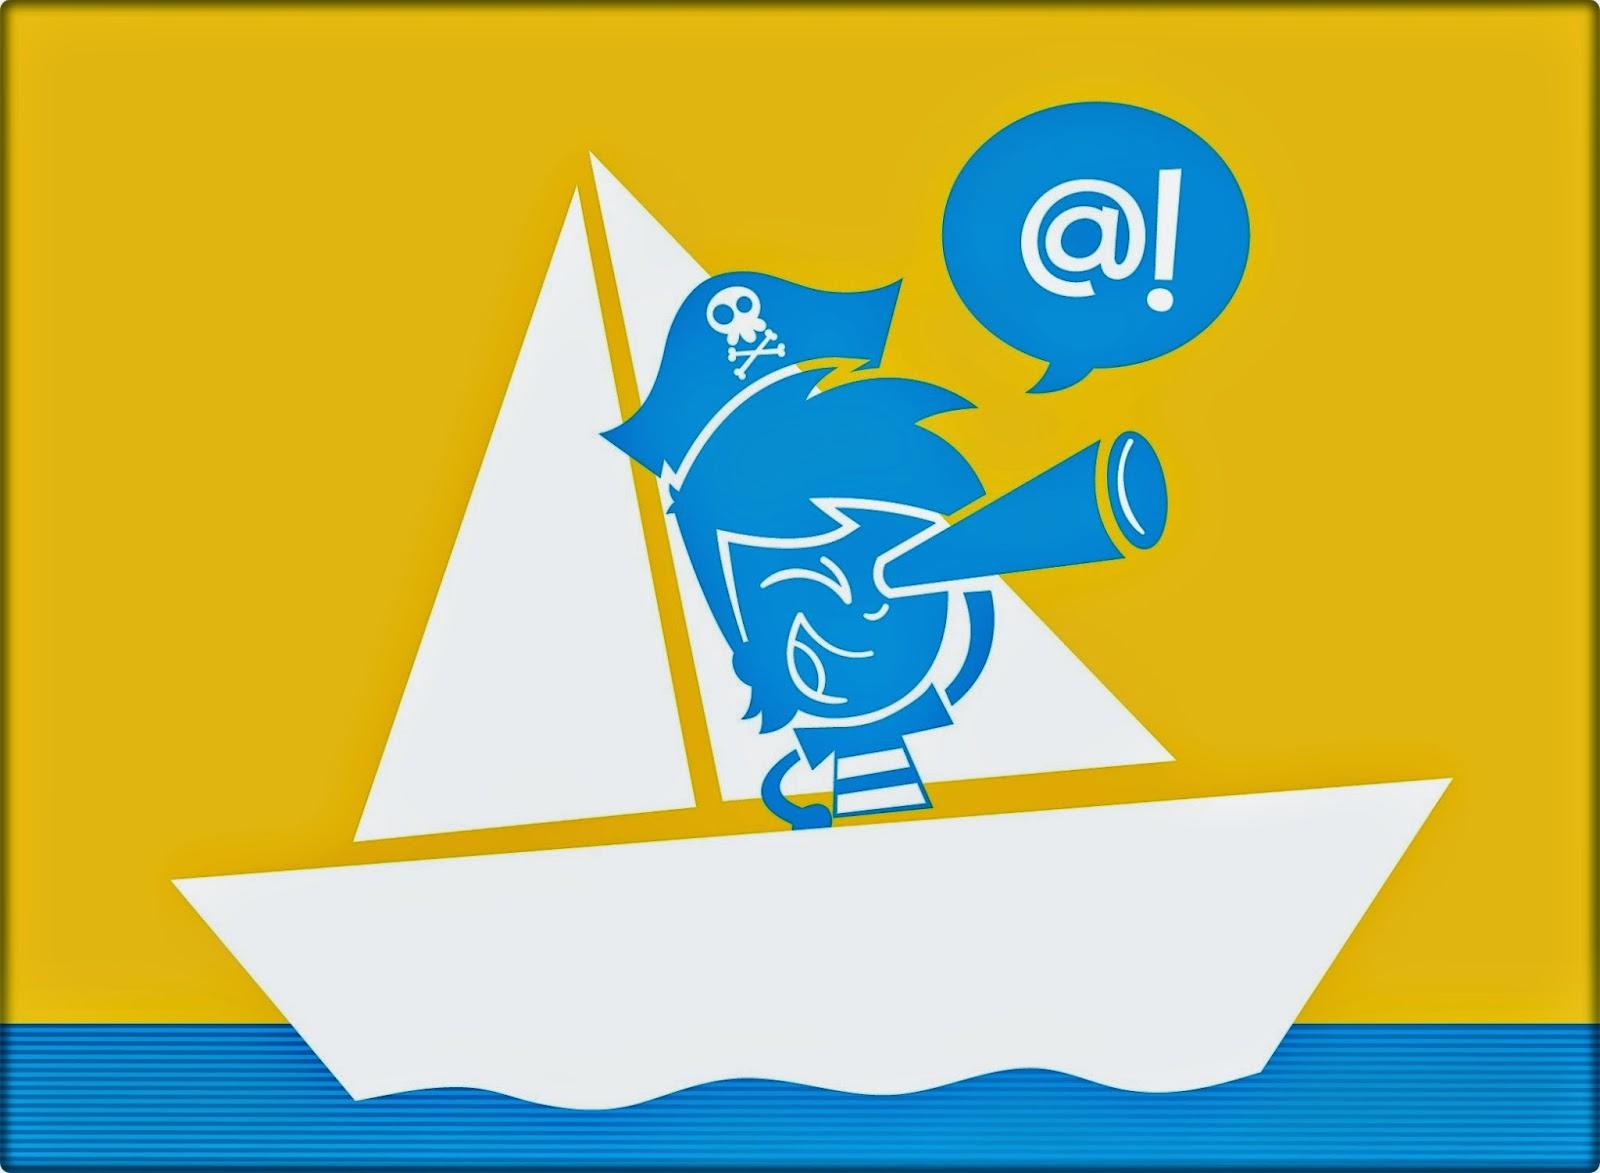 Navegadores alternativos para necessidades específicas